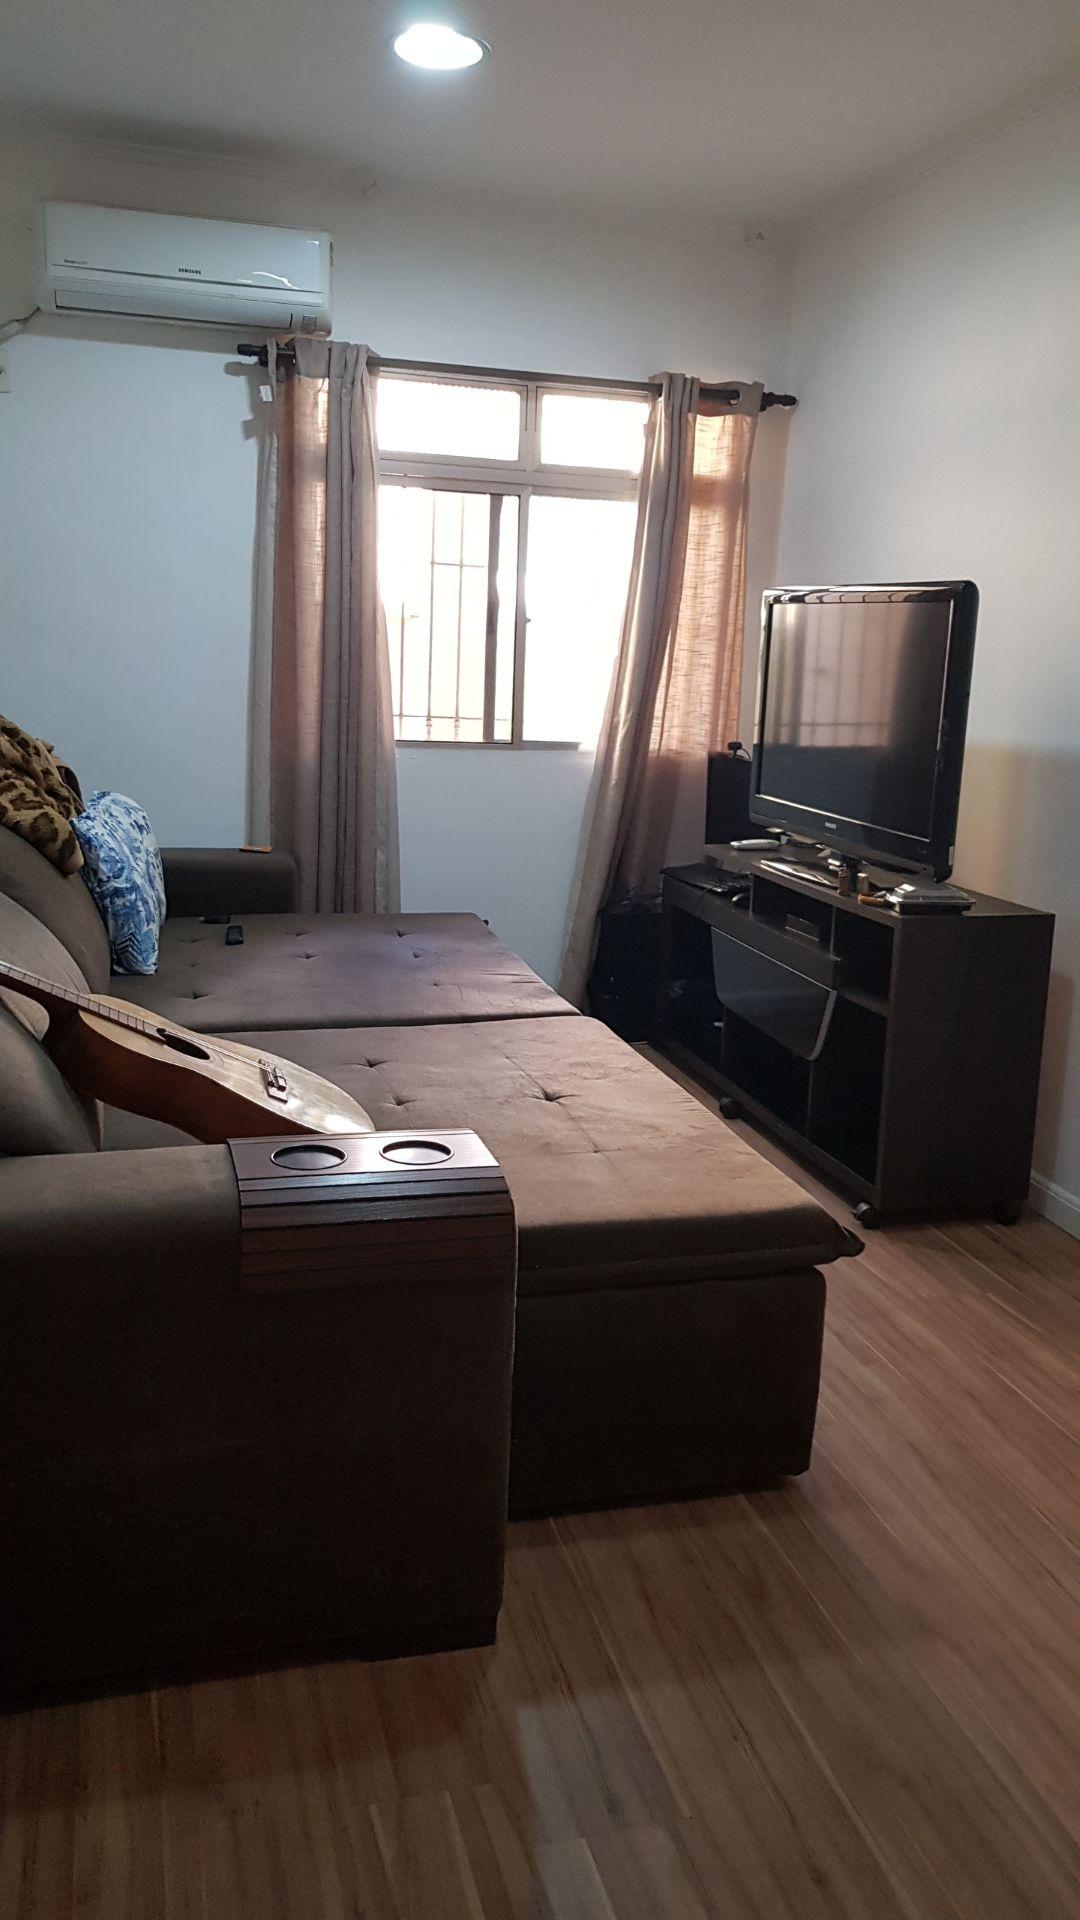 apartamento a venda no Gonzaga em santos térreo de 1 dormitório e garagem. - foto 1